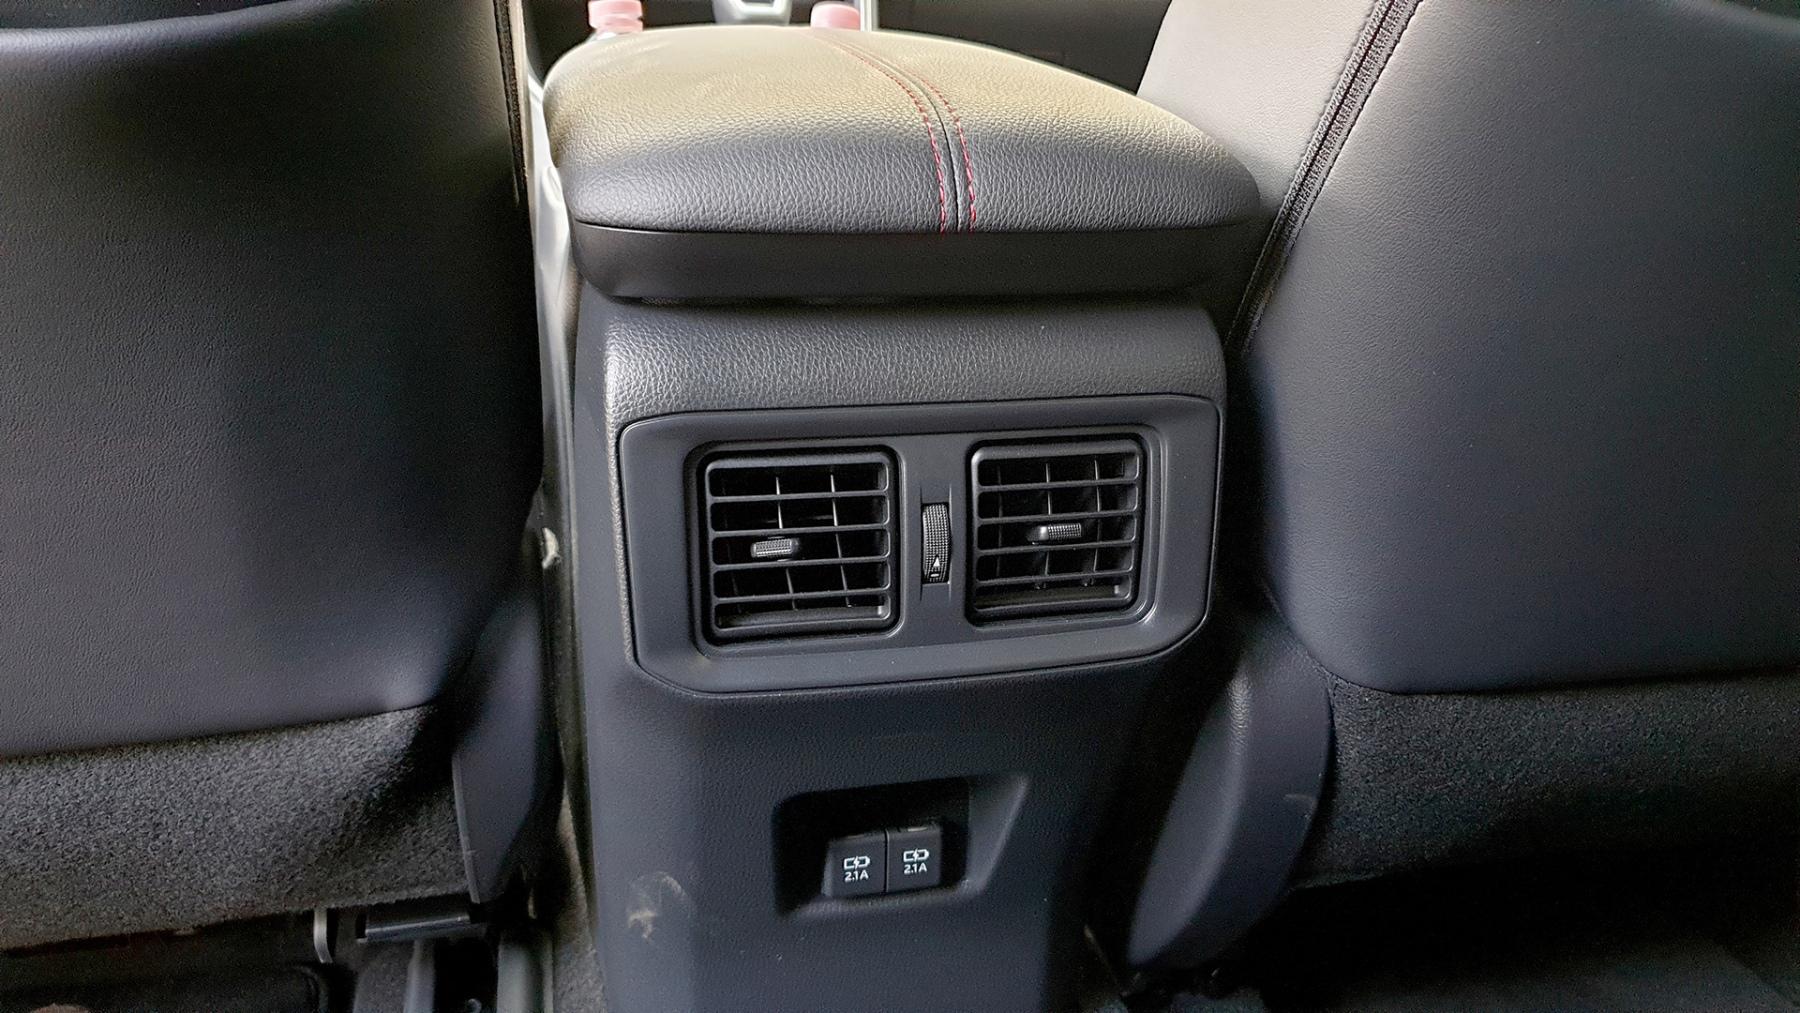 Toyota RAV4 plug in hybrid 2021